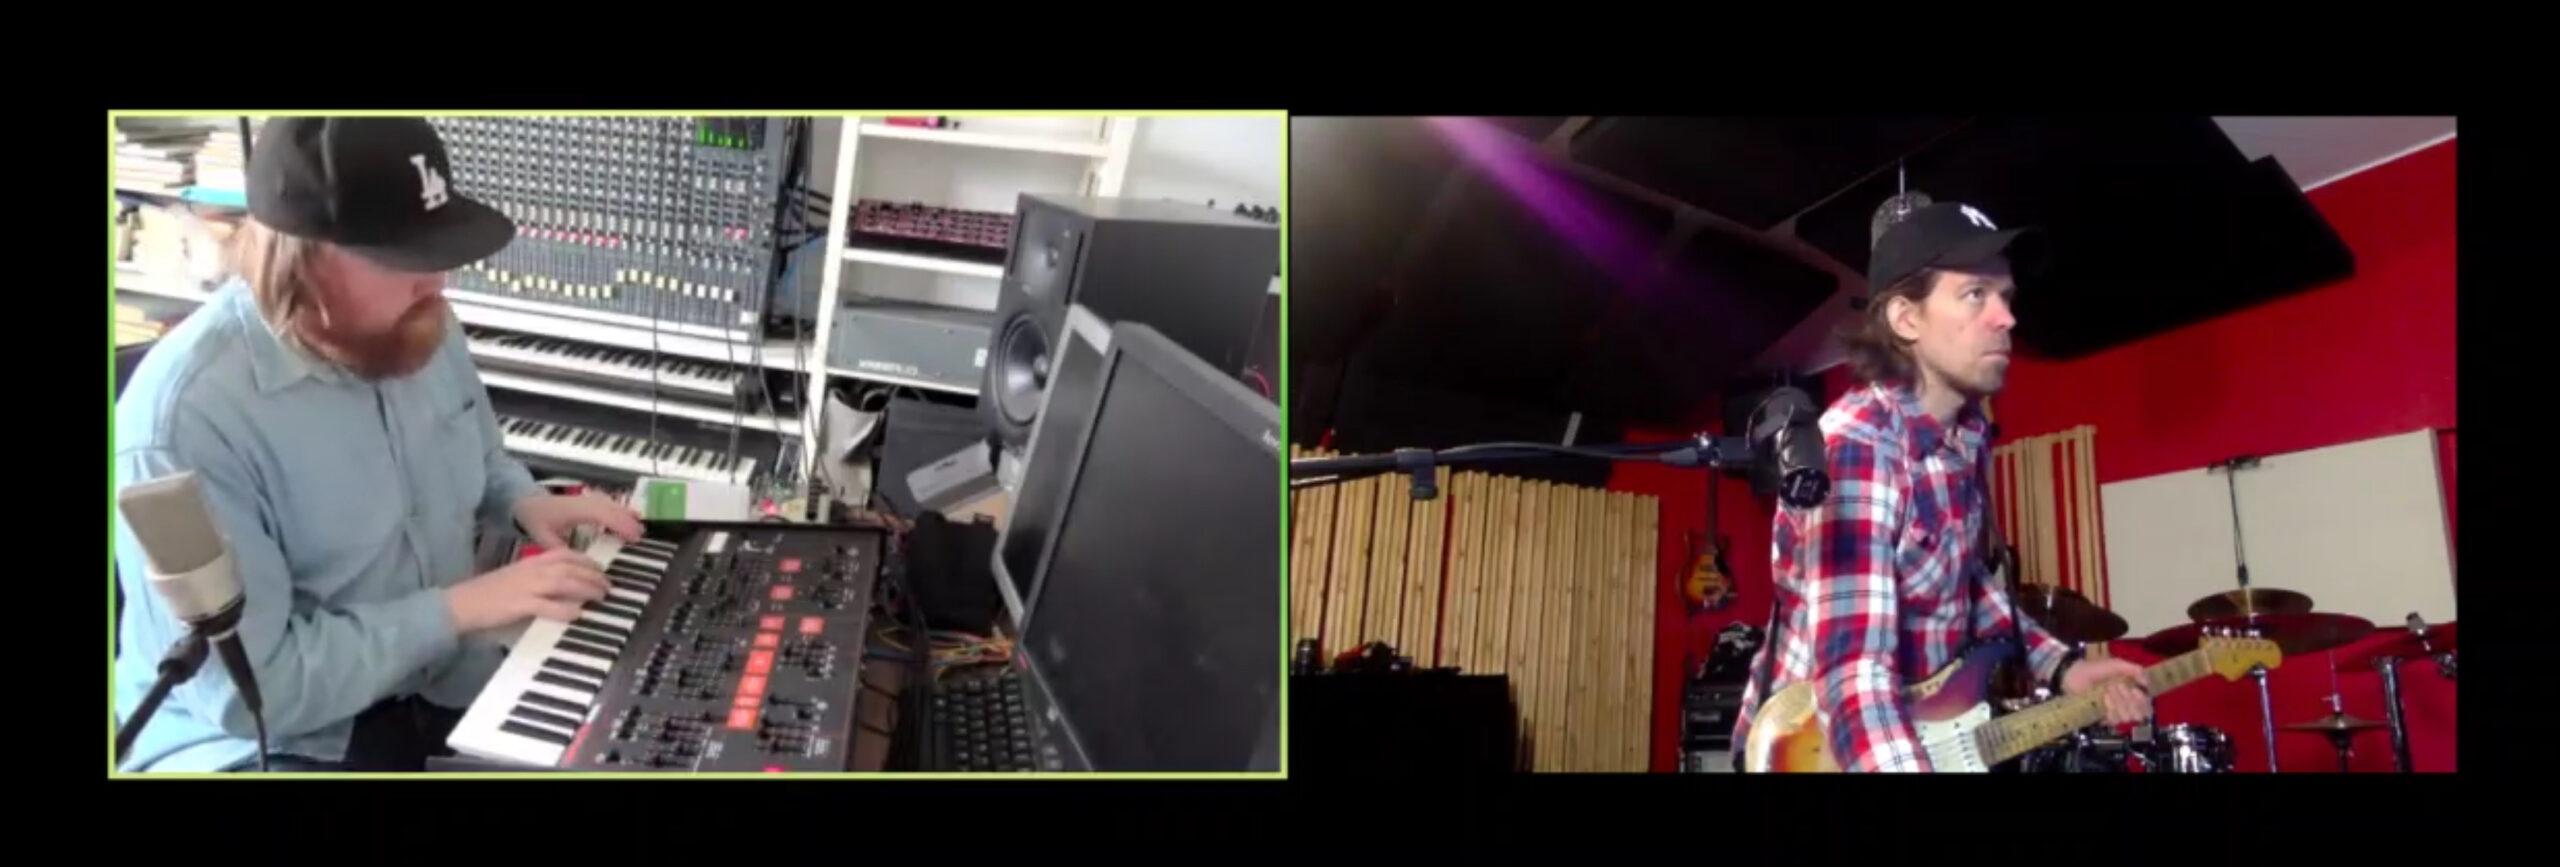 Ruutukaappaus Aleksin ja Harrin viikkostriimi-lähetyksestä. Vasemmassa kuvaruudussa Aleksi soittaa koskettimia ja oikeassa Harri soittaa sähkökitaraa.